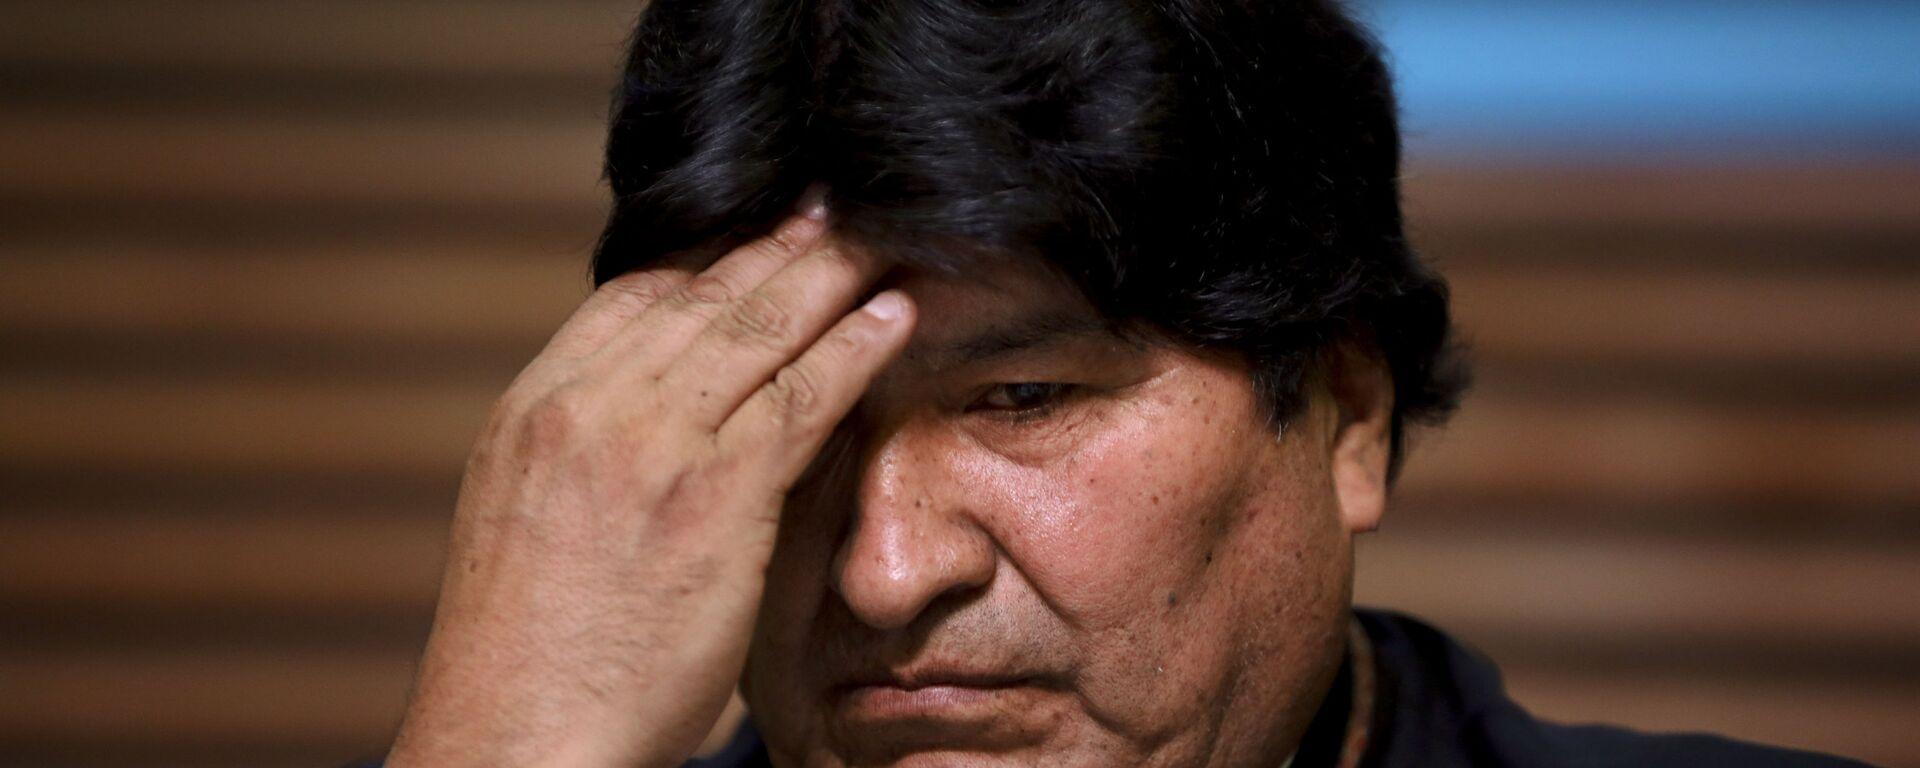 Evo Morales, expresidente de Bolivia - Sputnik Mundo, 1920, 09.07.2021